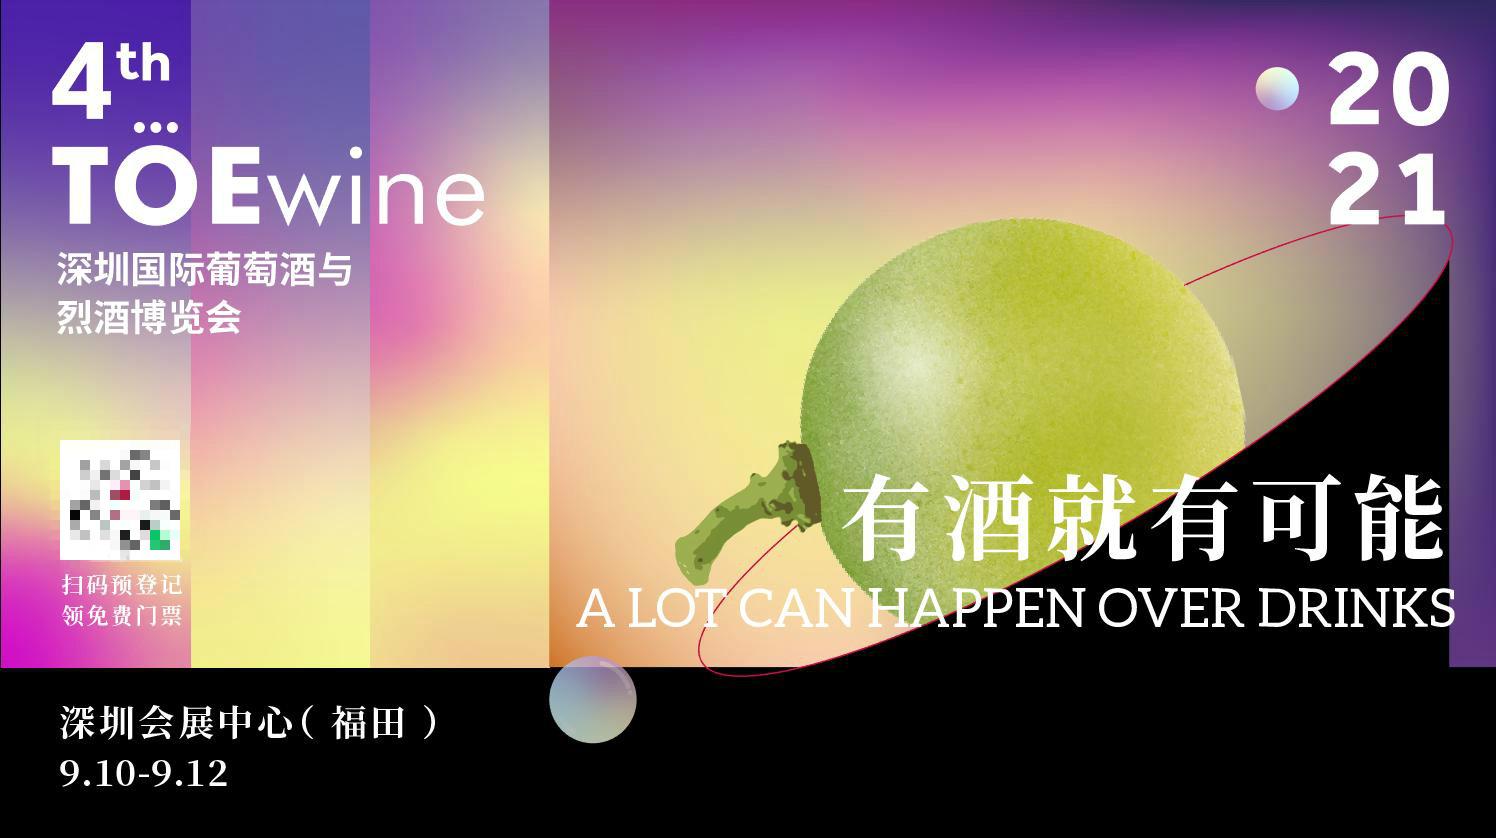 有酒就有可能——TOEwine深圳酒展打开味蕾的全新解锁方式